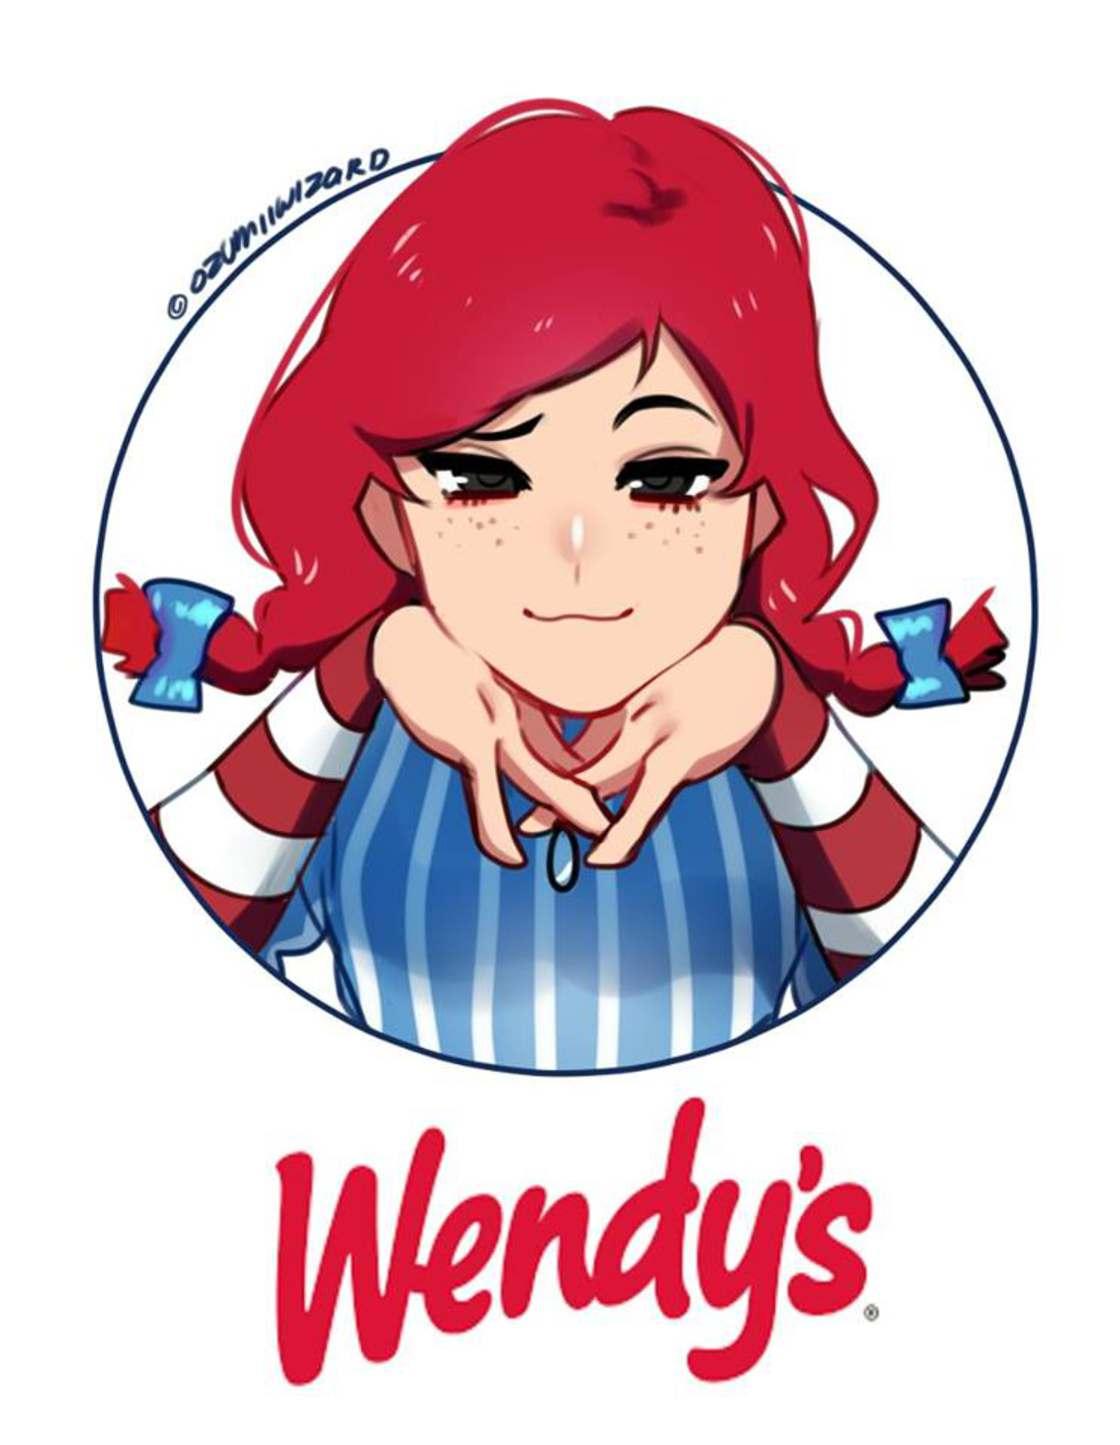 Uma ilustradora transforma marcas de fast-foods em personagens de manga